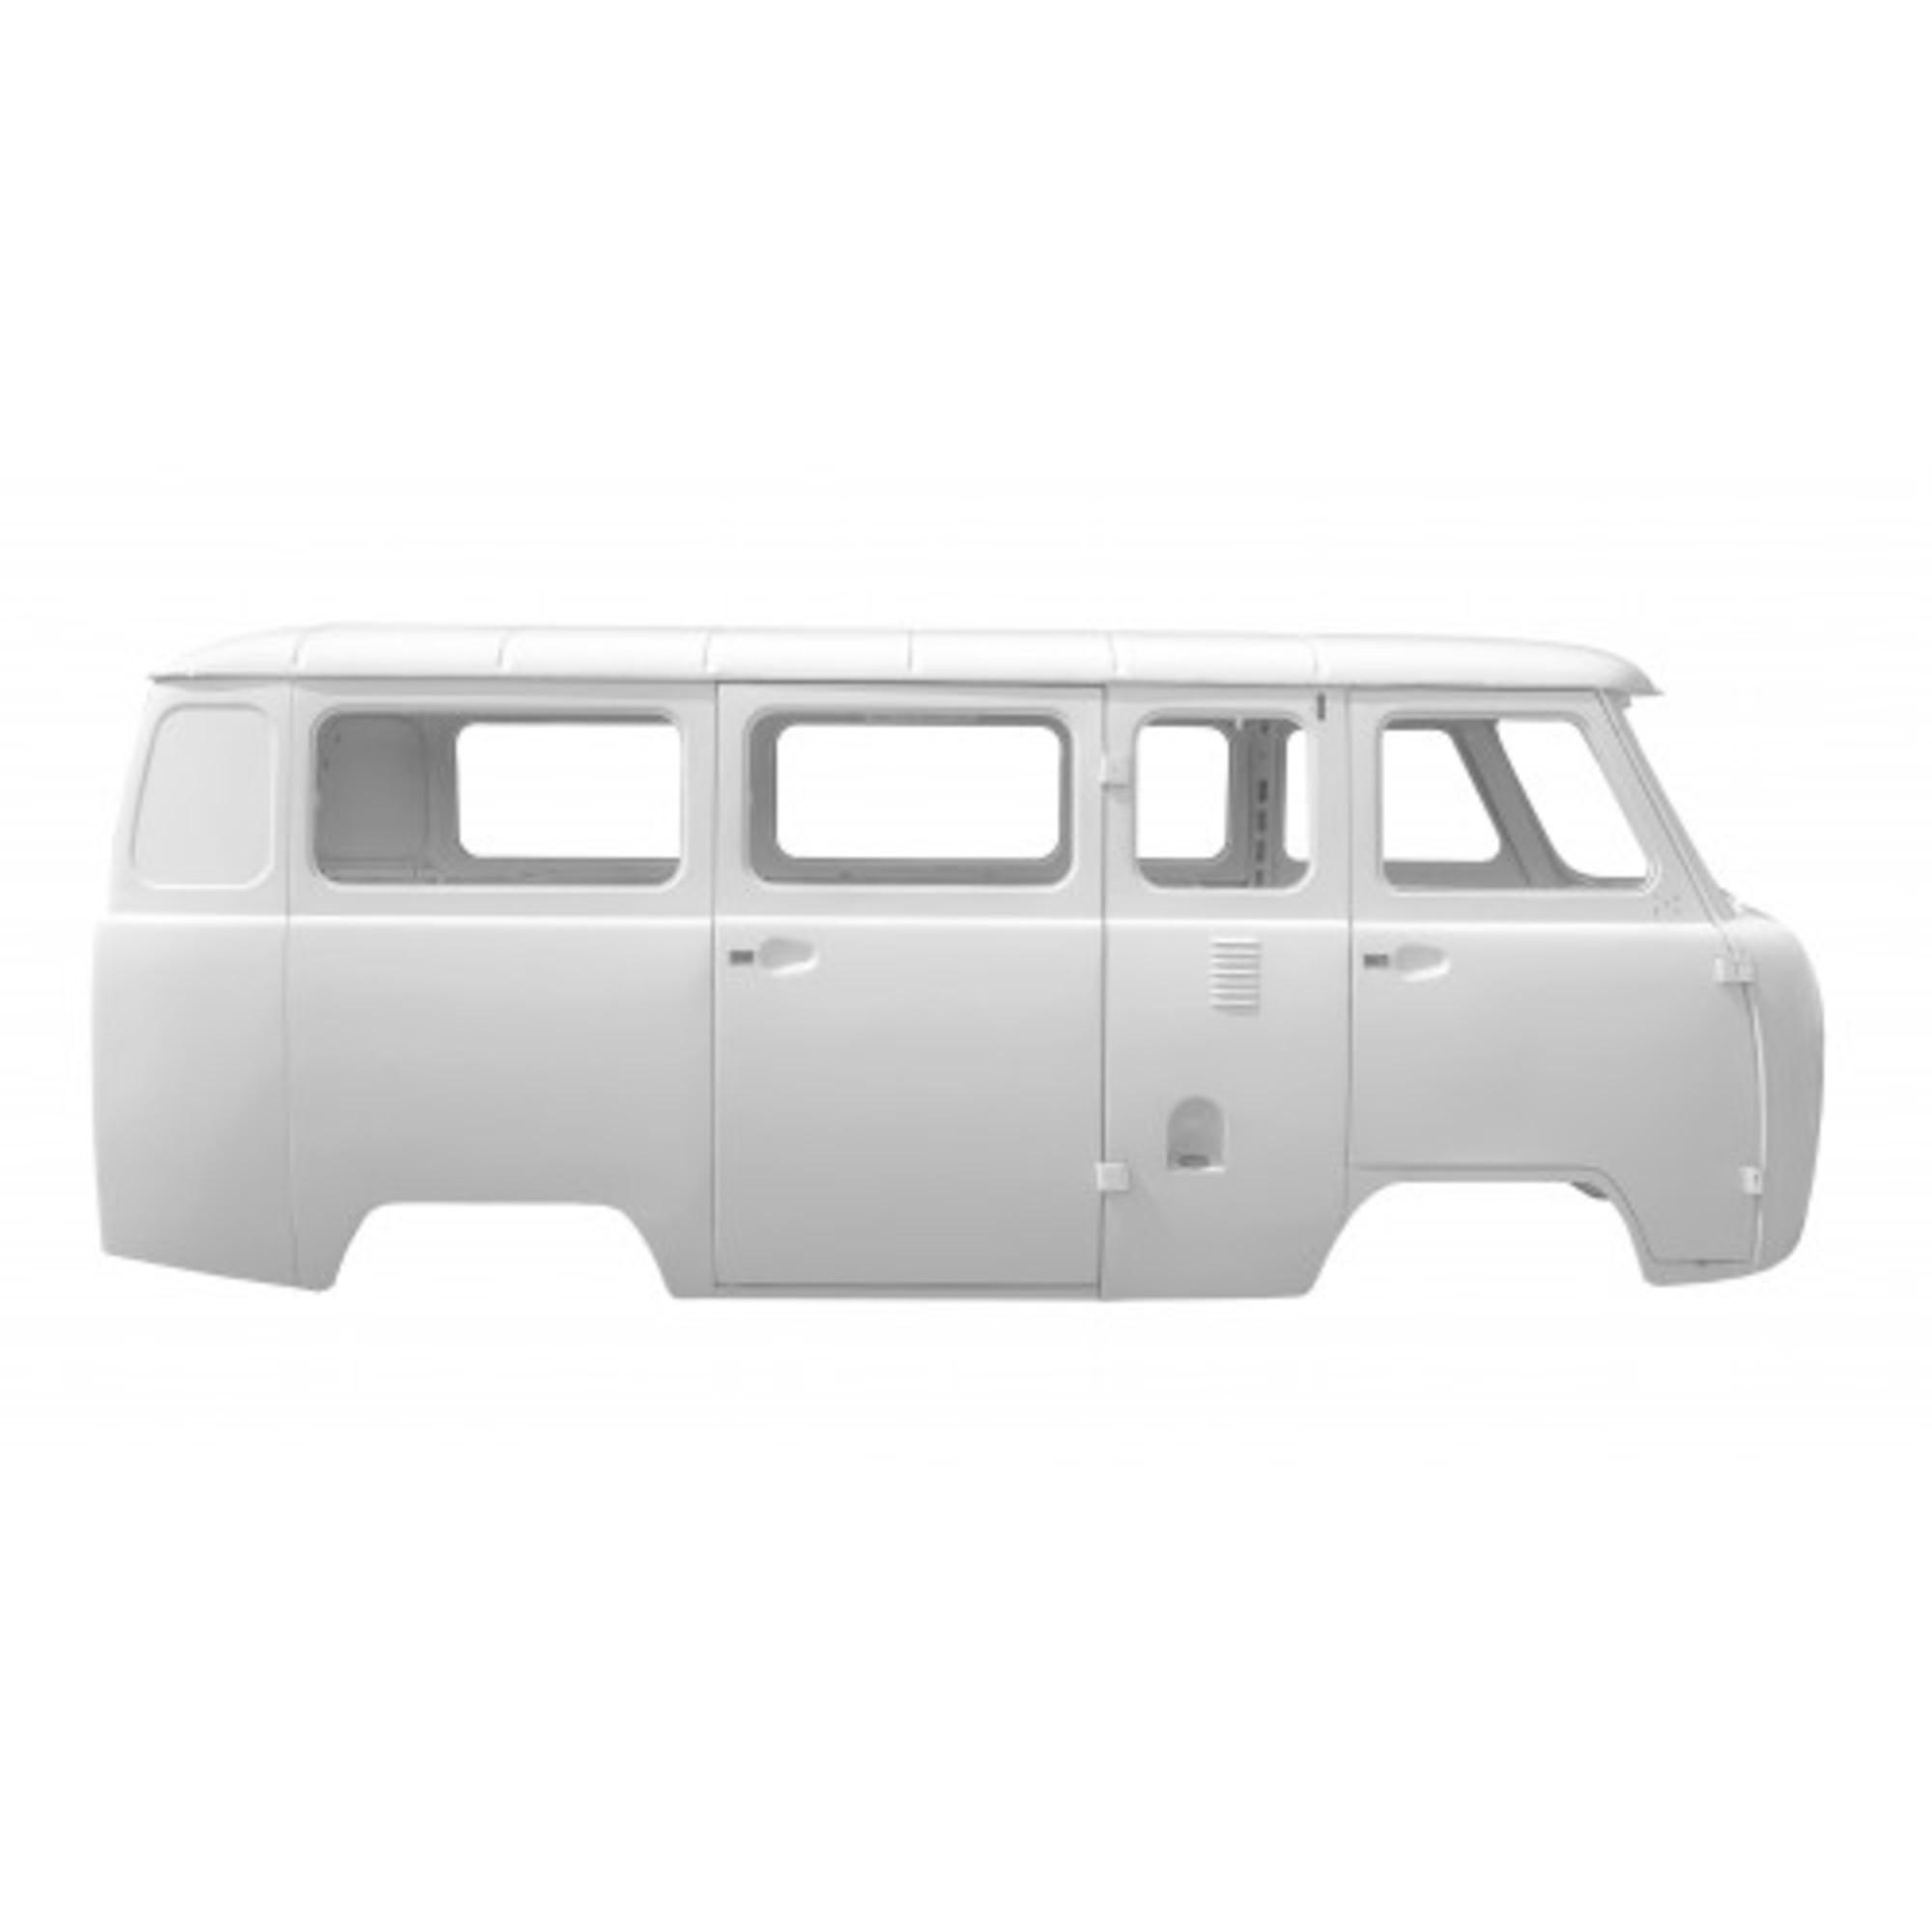 Каркас кузова УАЗ 2206 микроавтобус карбюратор белая ночь